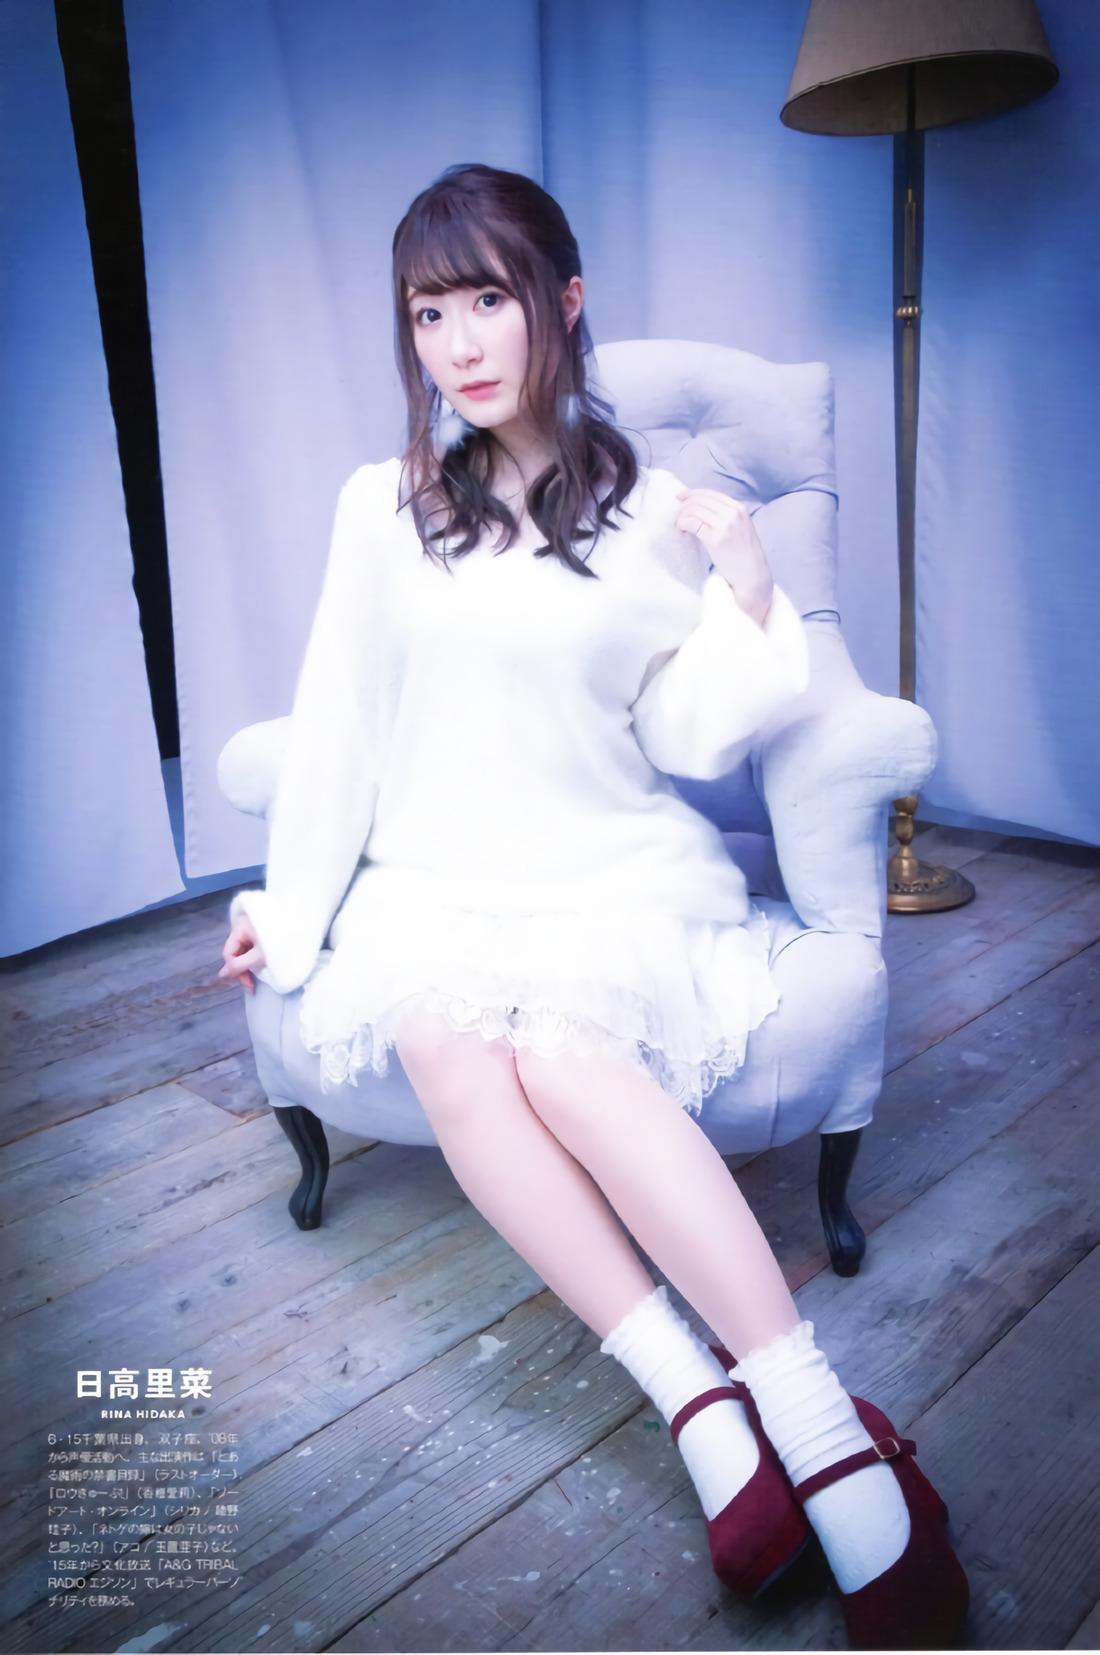 hidaka_rina019.jpg